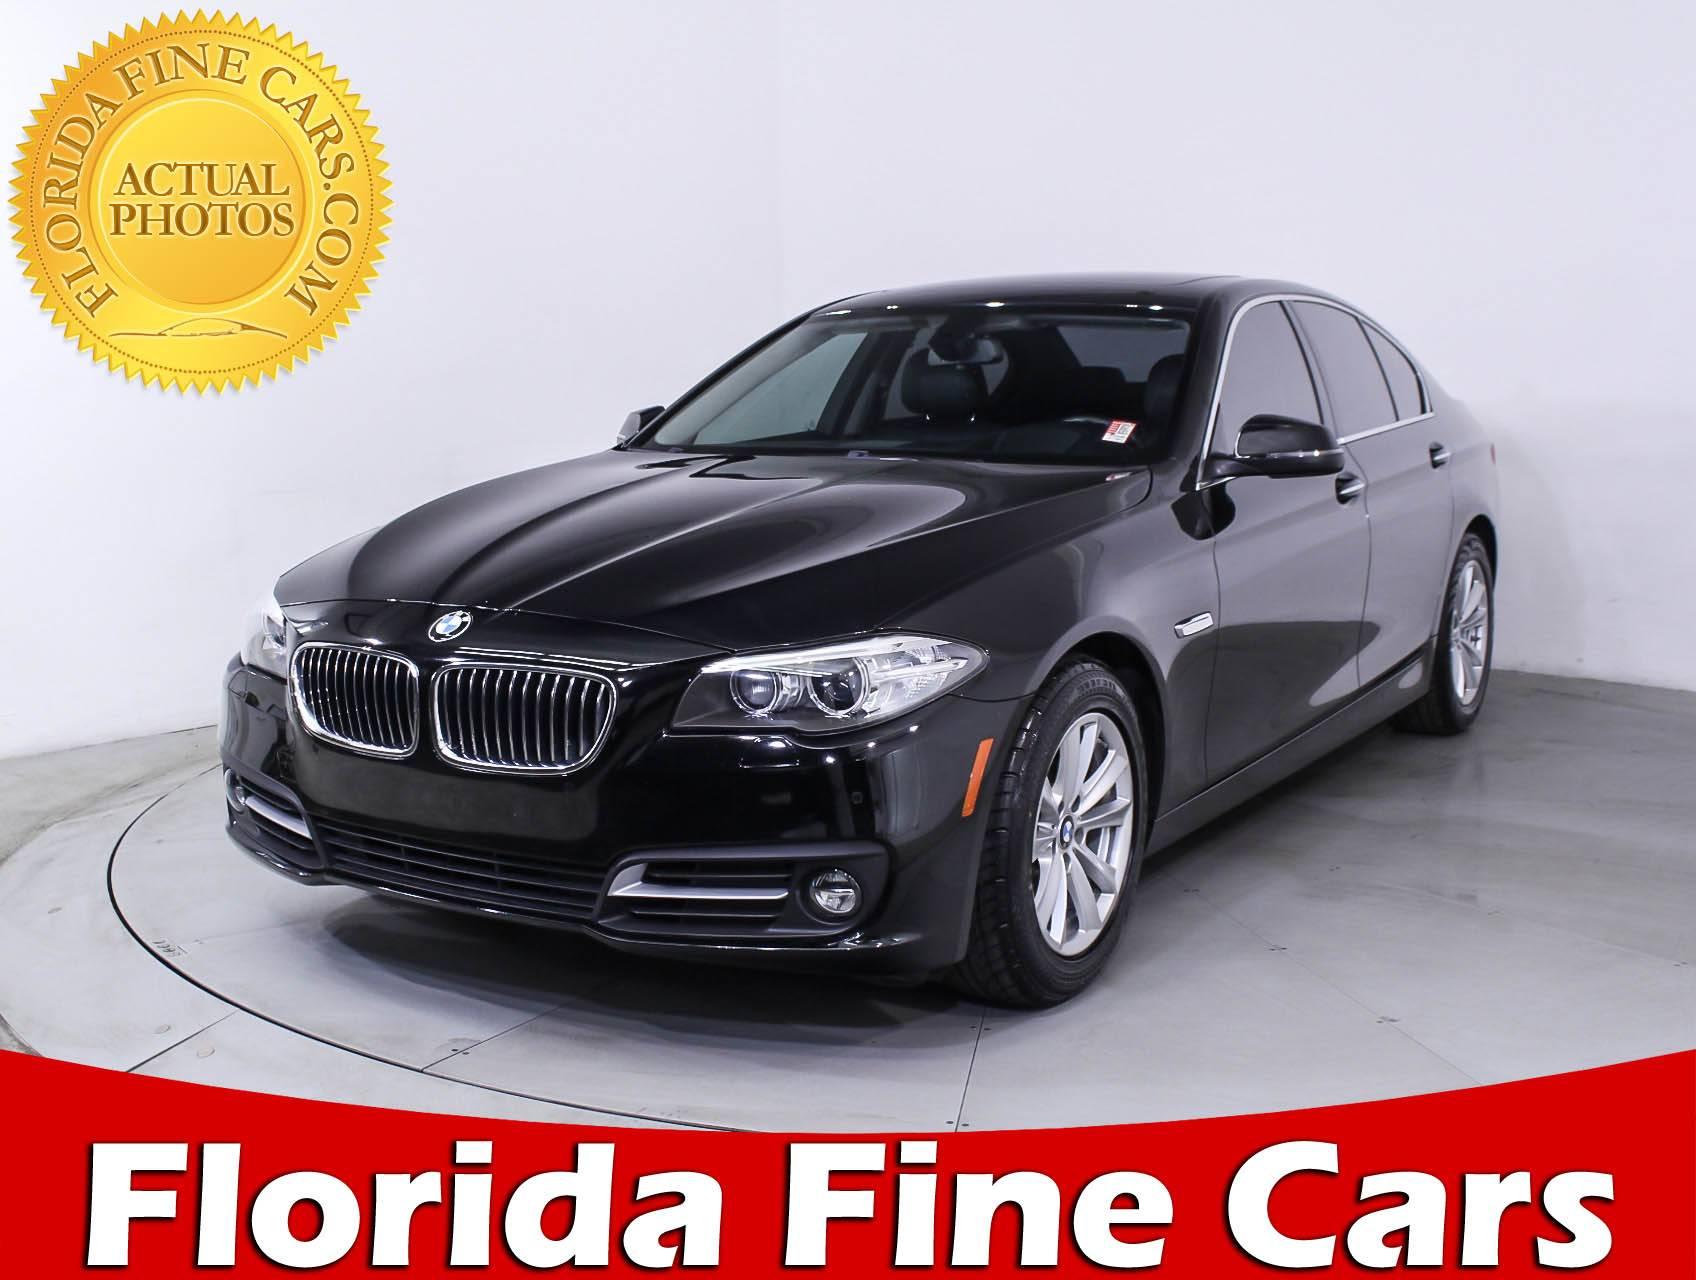 Used 2015 BMW 5 SERIES 528I Sedan for sale in MIAMI FL